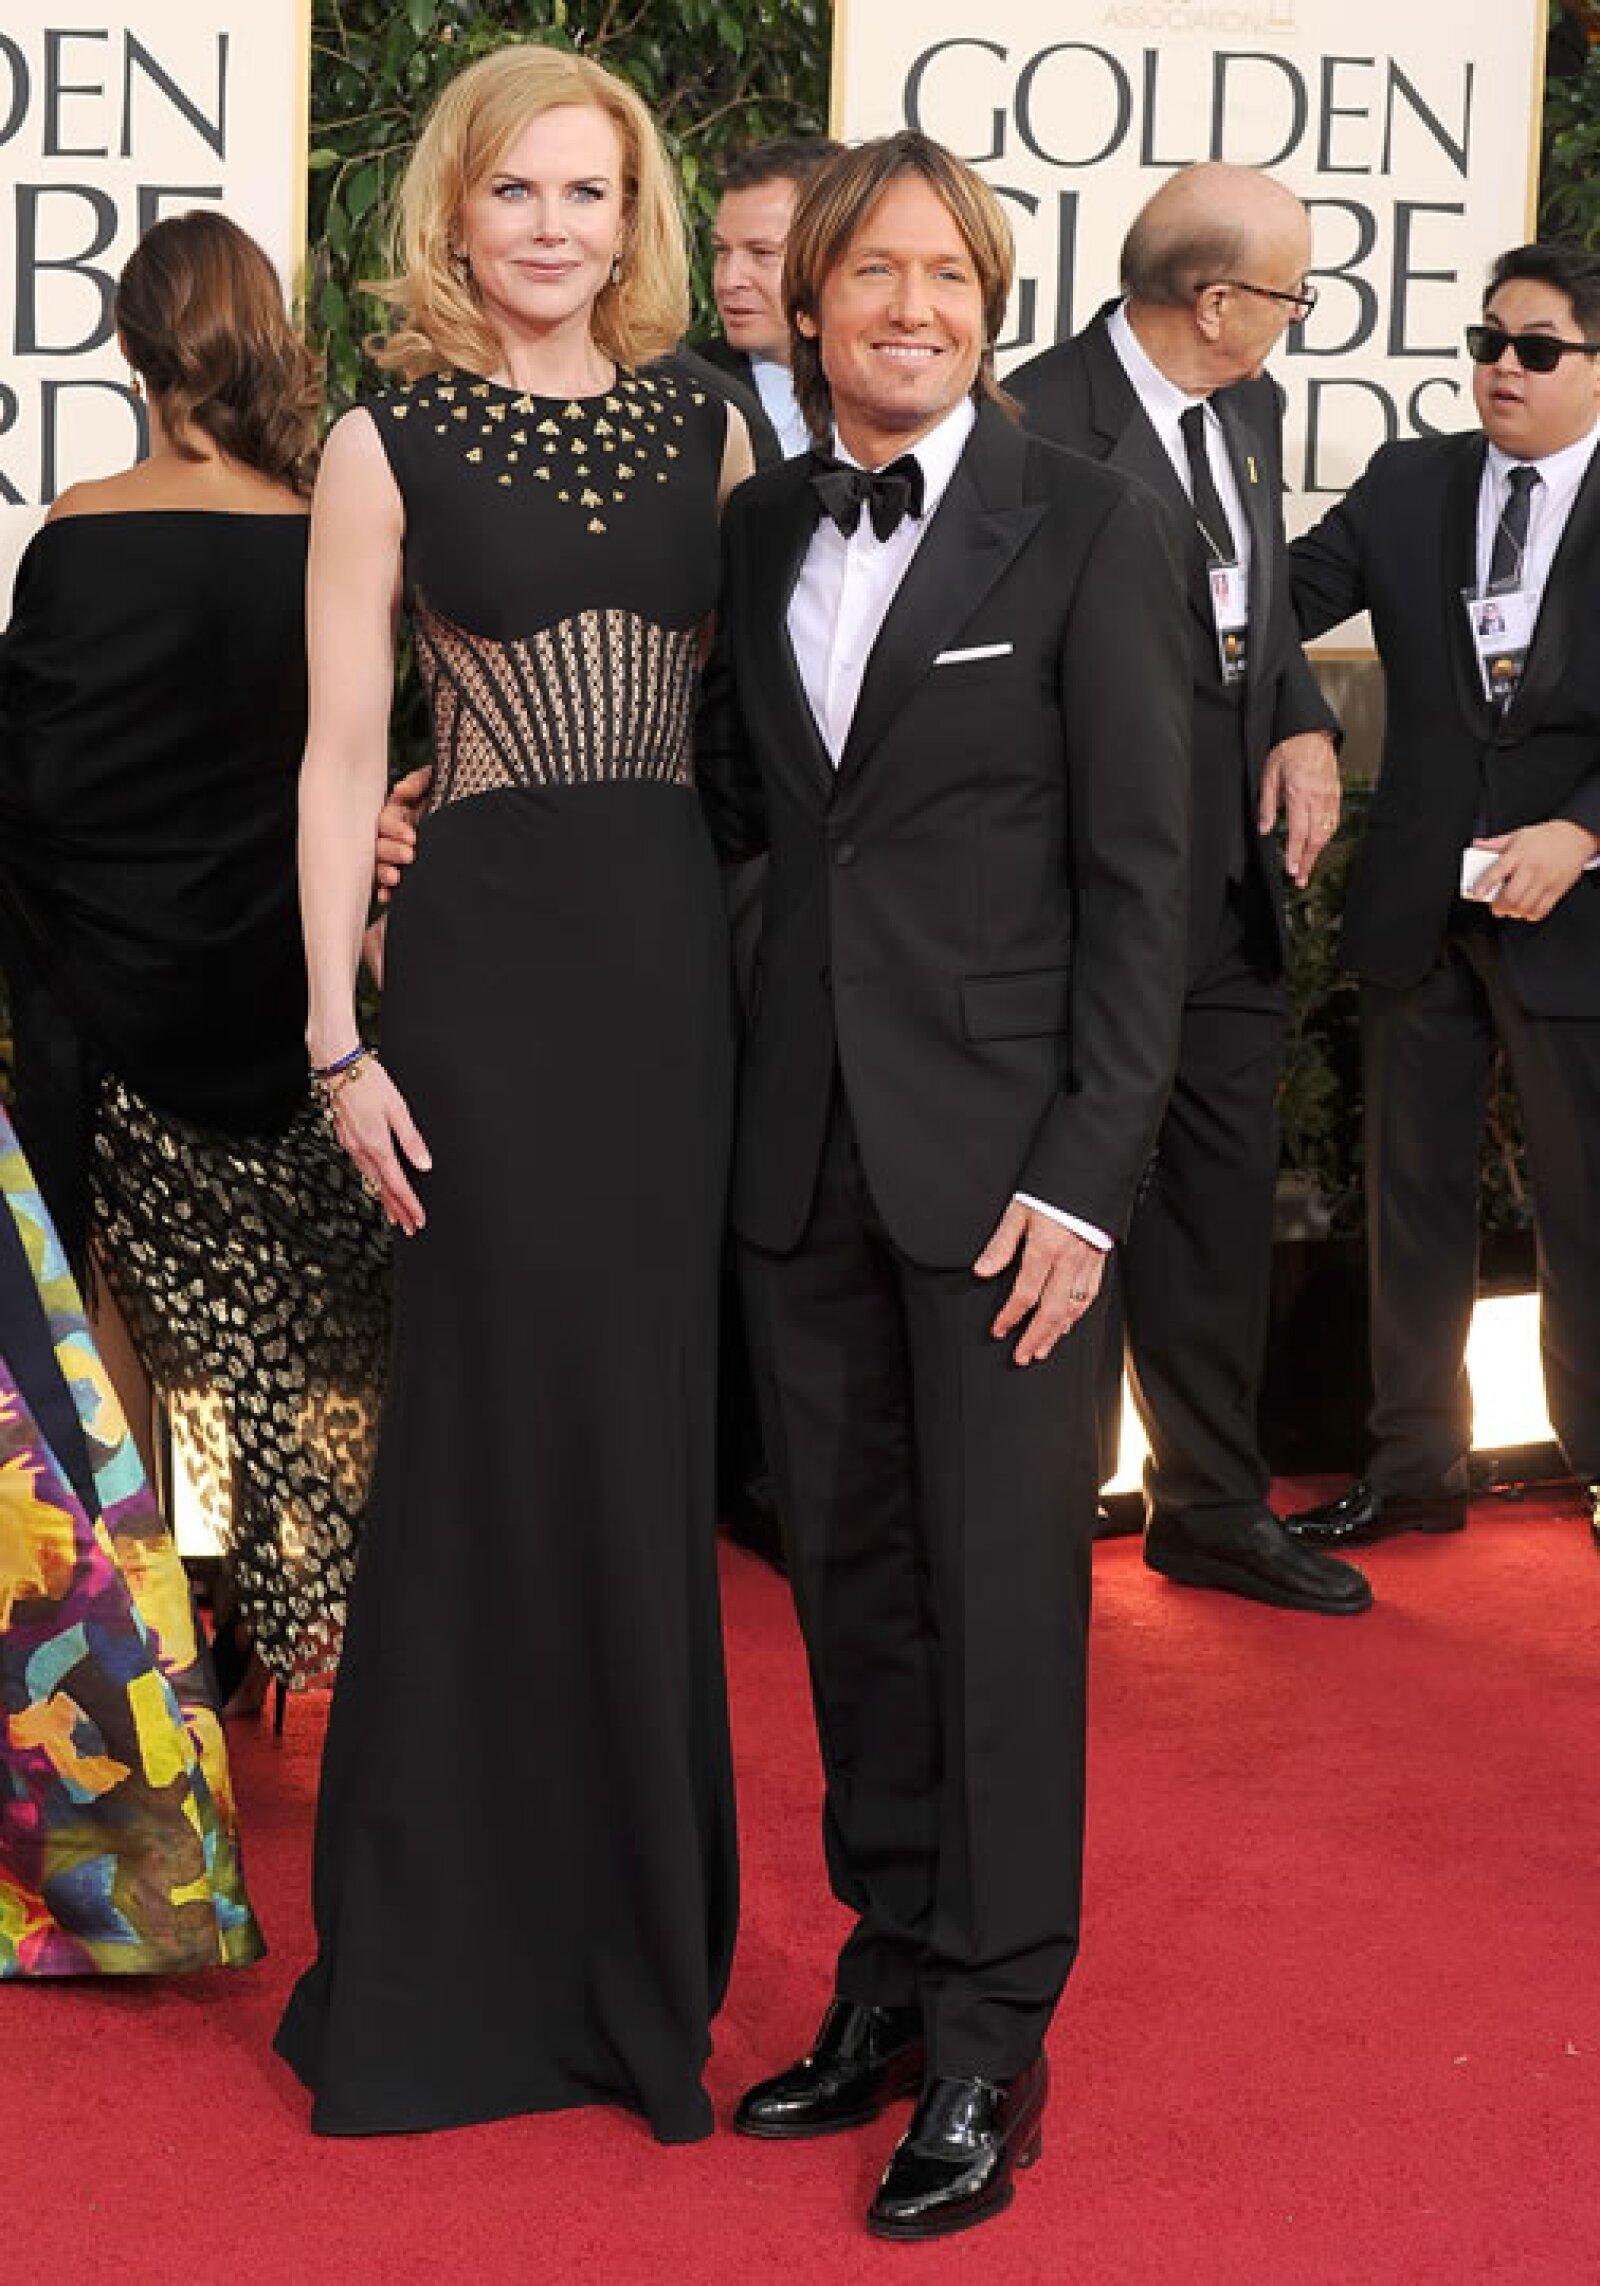 Parece ser que esta es una de las debilidades de Nicole Kidman pues luego de años con Tom Cruise repitió la fórmula de baja estatura con Keith Urban.